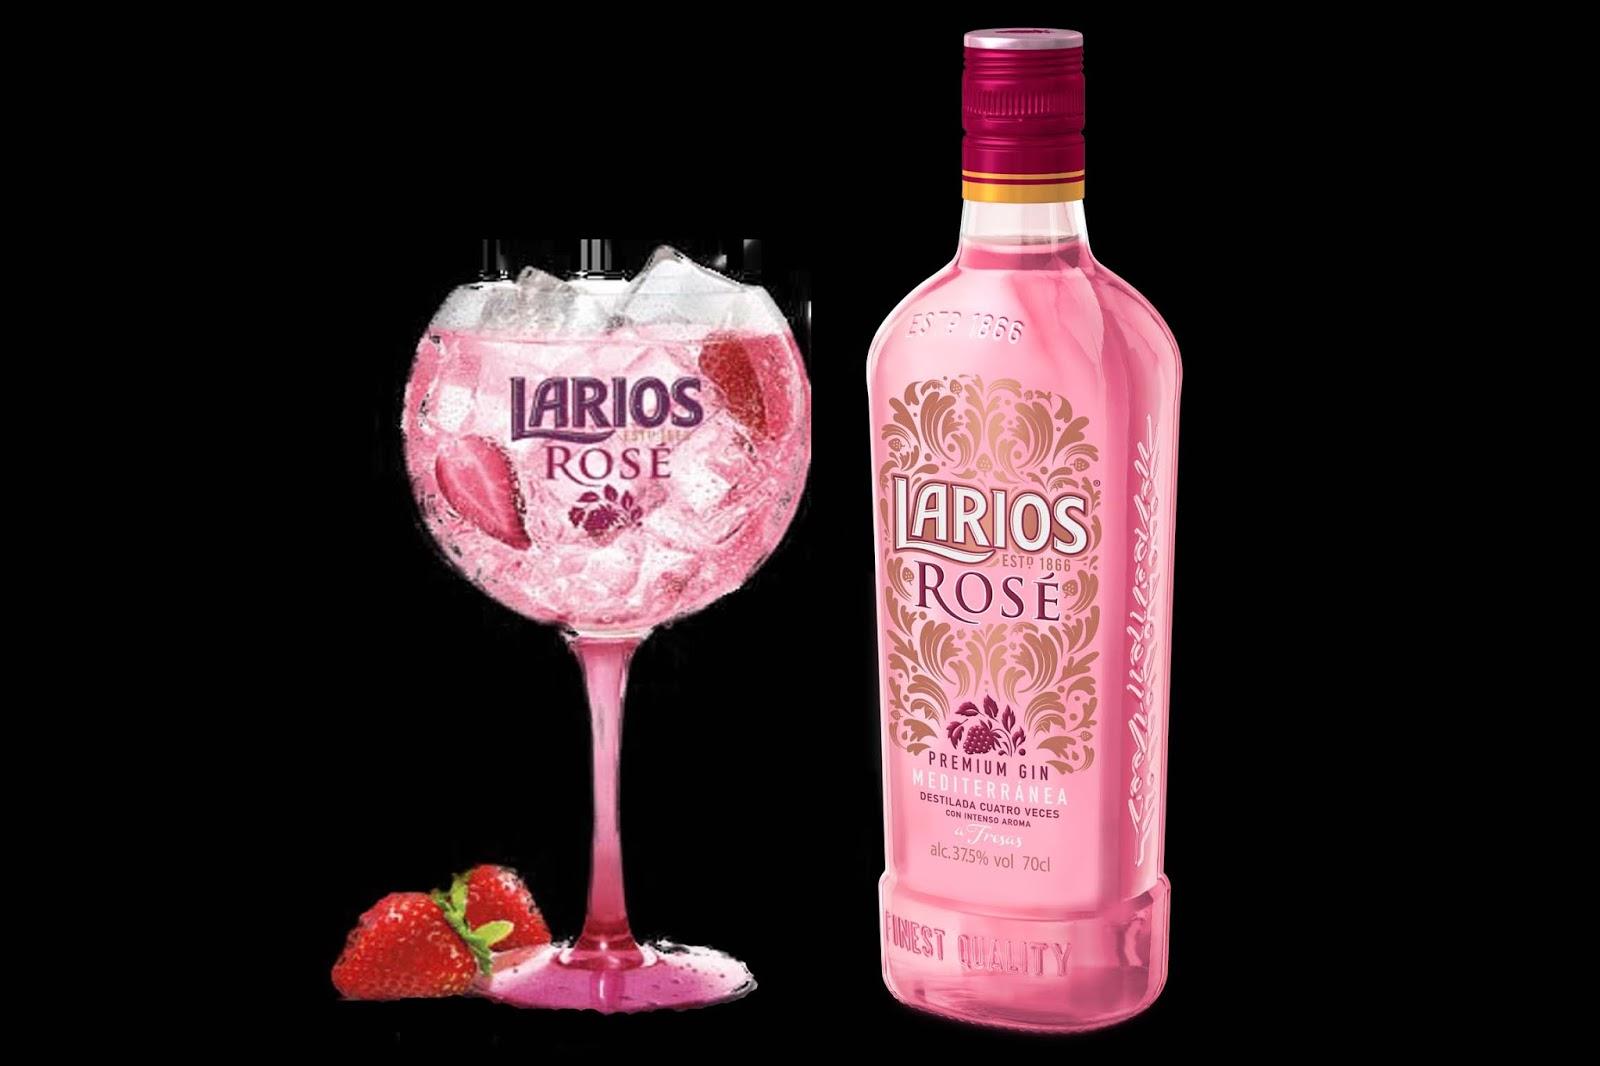 Larios Rose Gin